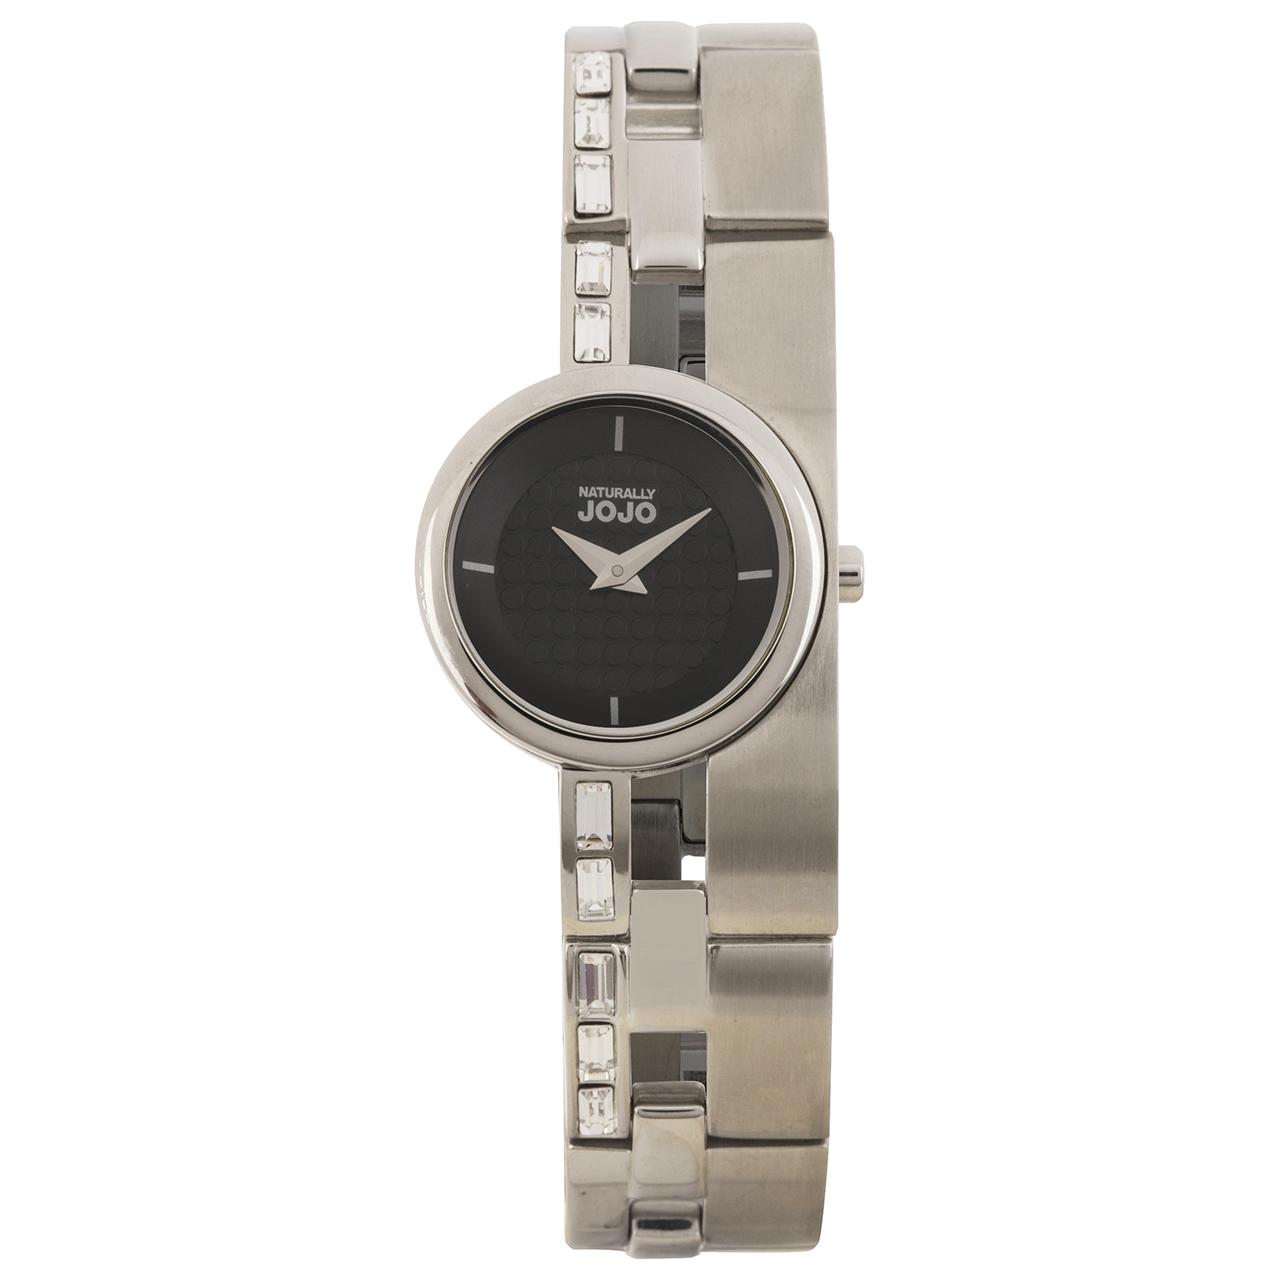 خرید ساعت مچی عقربه ای زنانه نچرالی ژوژو مدل JO95256.88F